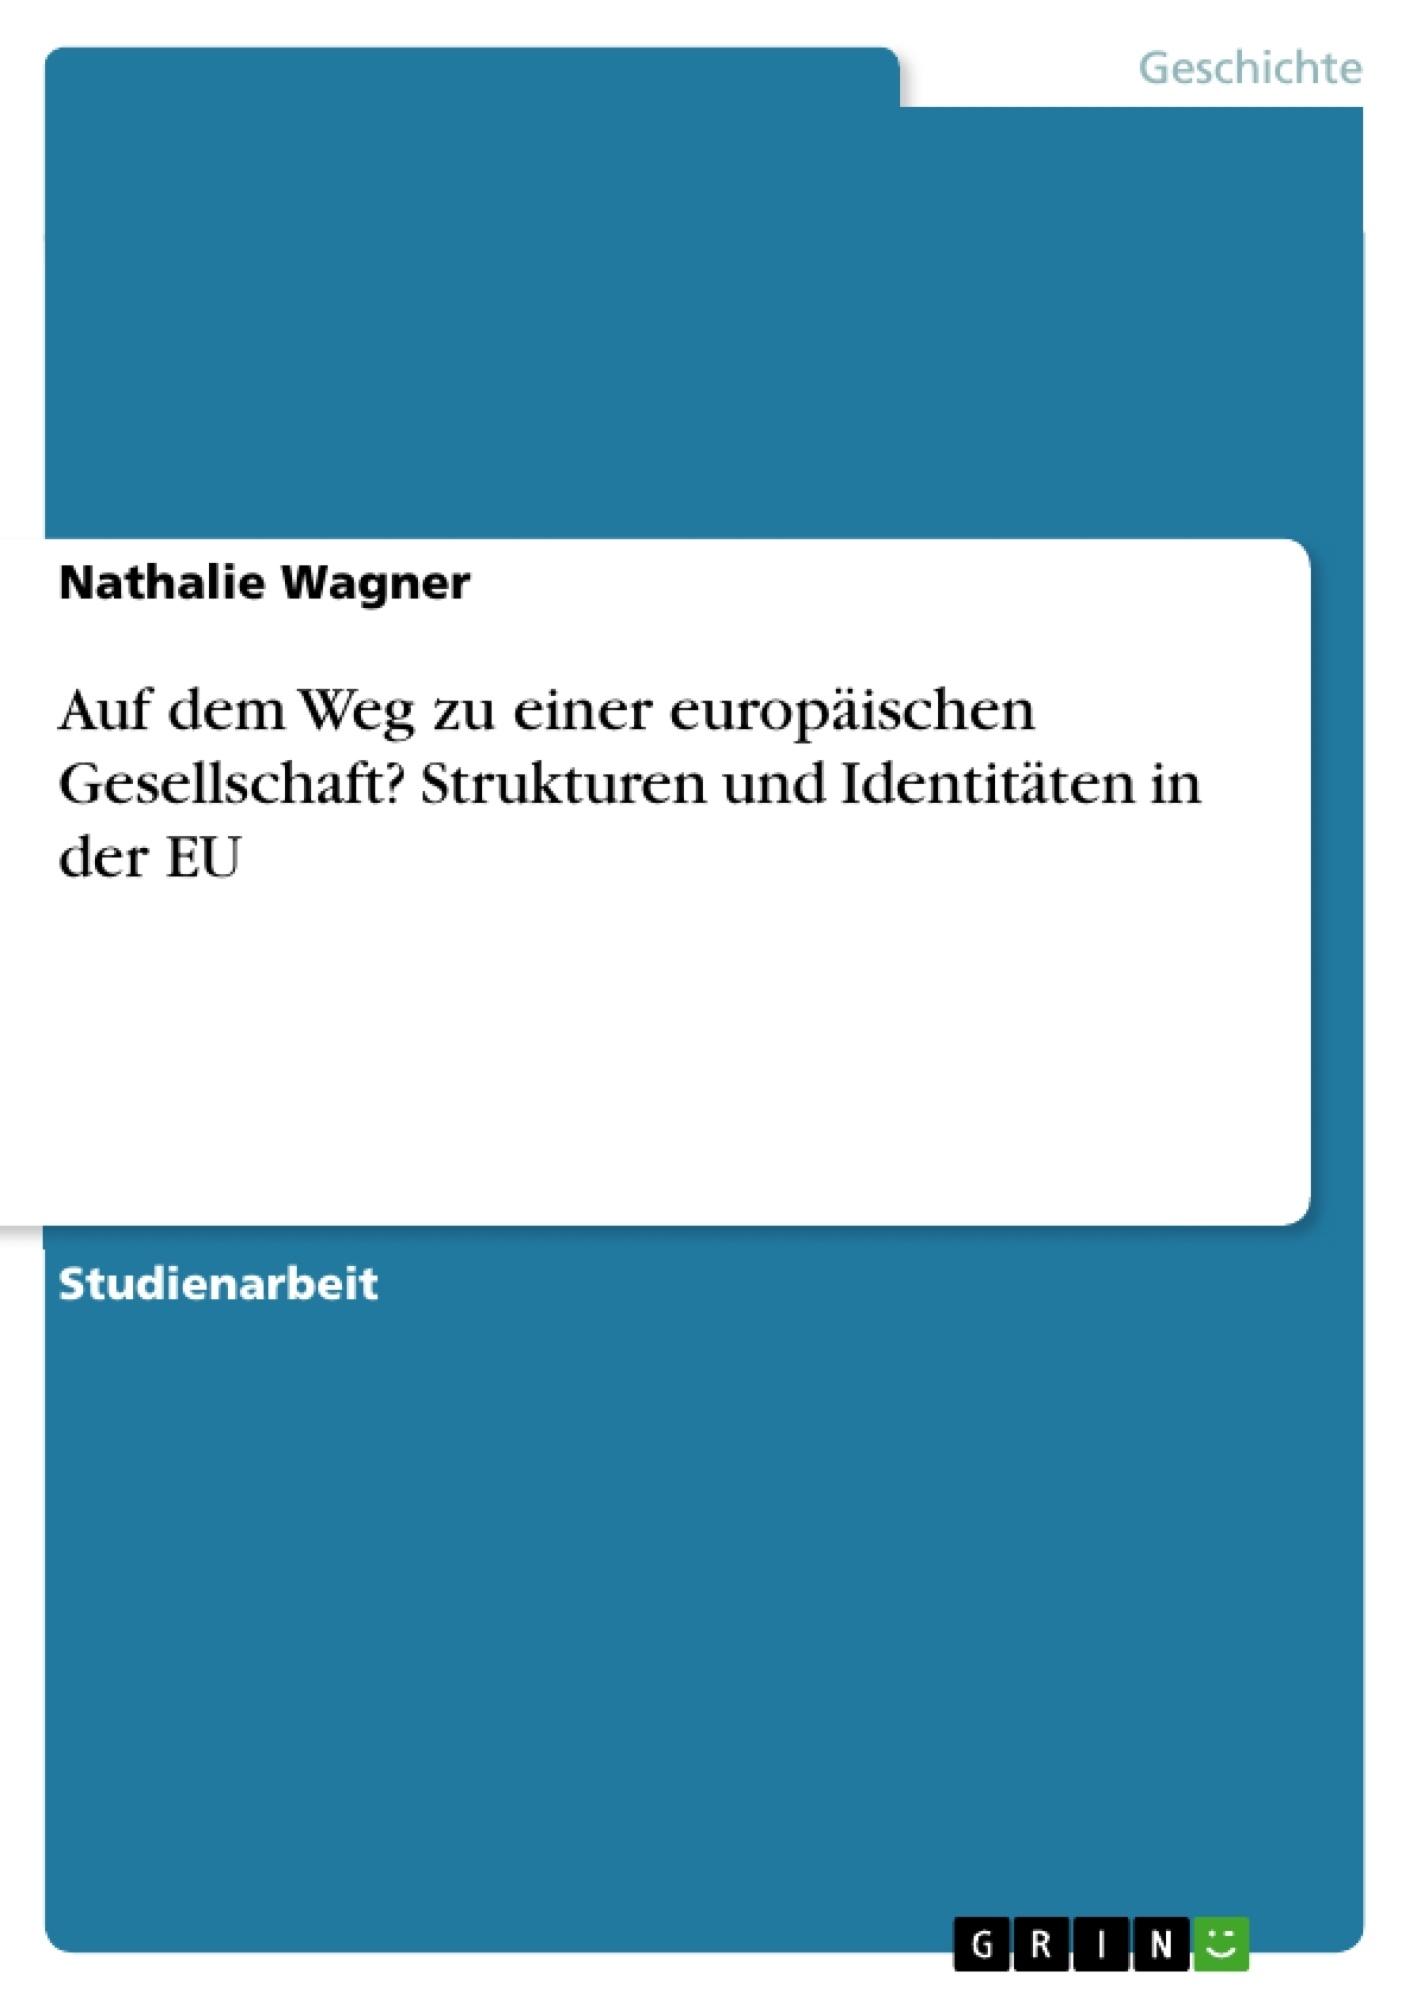 Titel: Auf dem Weg zu einer europäischen Gesellschaft? Strukturen und Identitäten in der EU